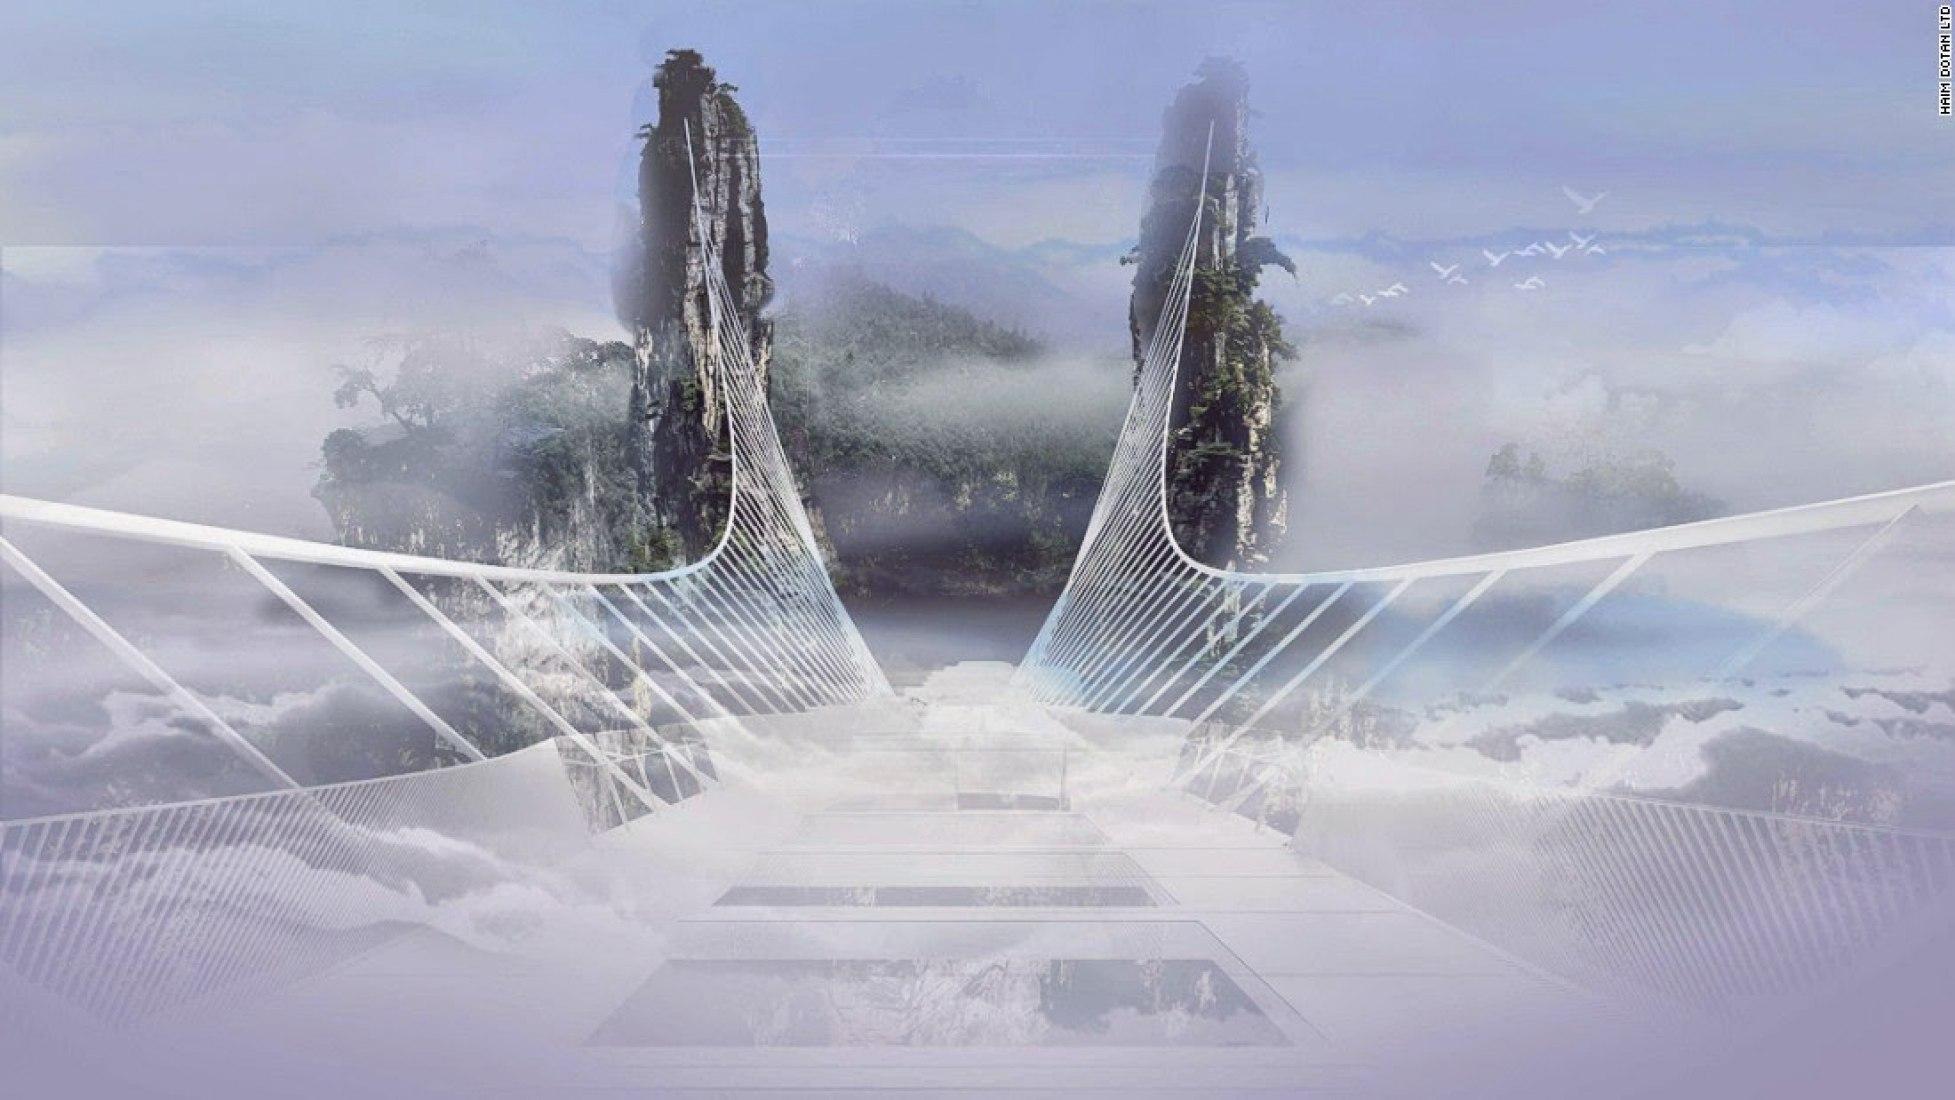 Zhangjiajie's footbridge by Haim Dotan. Image © Haim Dotan Ltd.